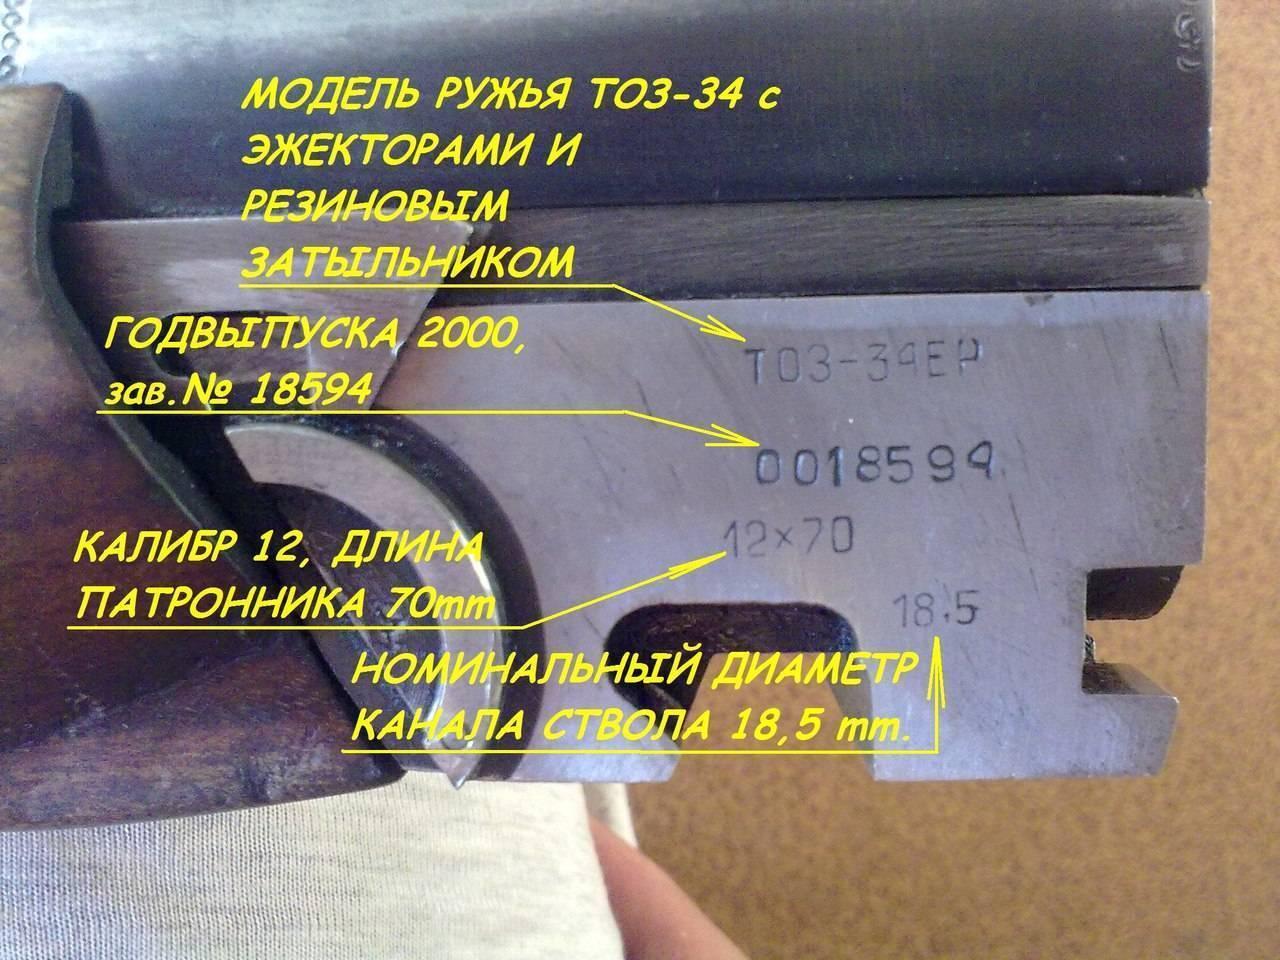 К 50-летию т-34: двуствольная вертикалка тоз-34 - самое массовое в россии гладкоствольное охотничье ружье тульского оружейного завода